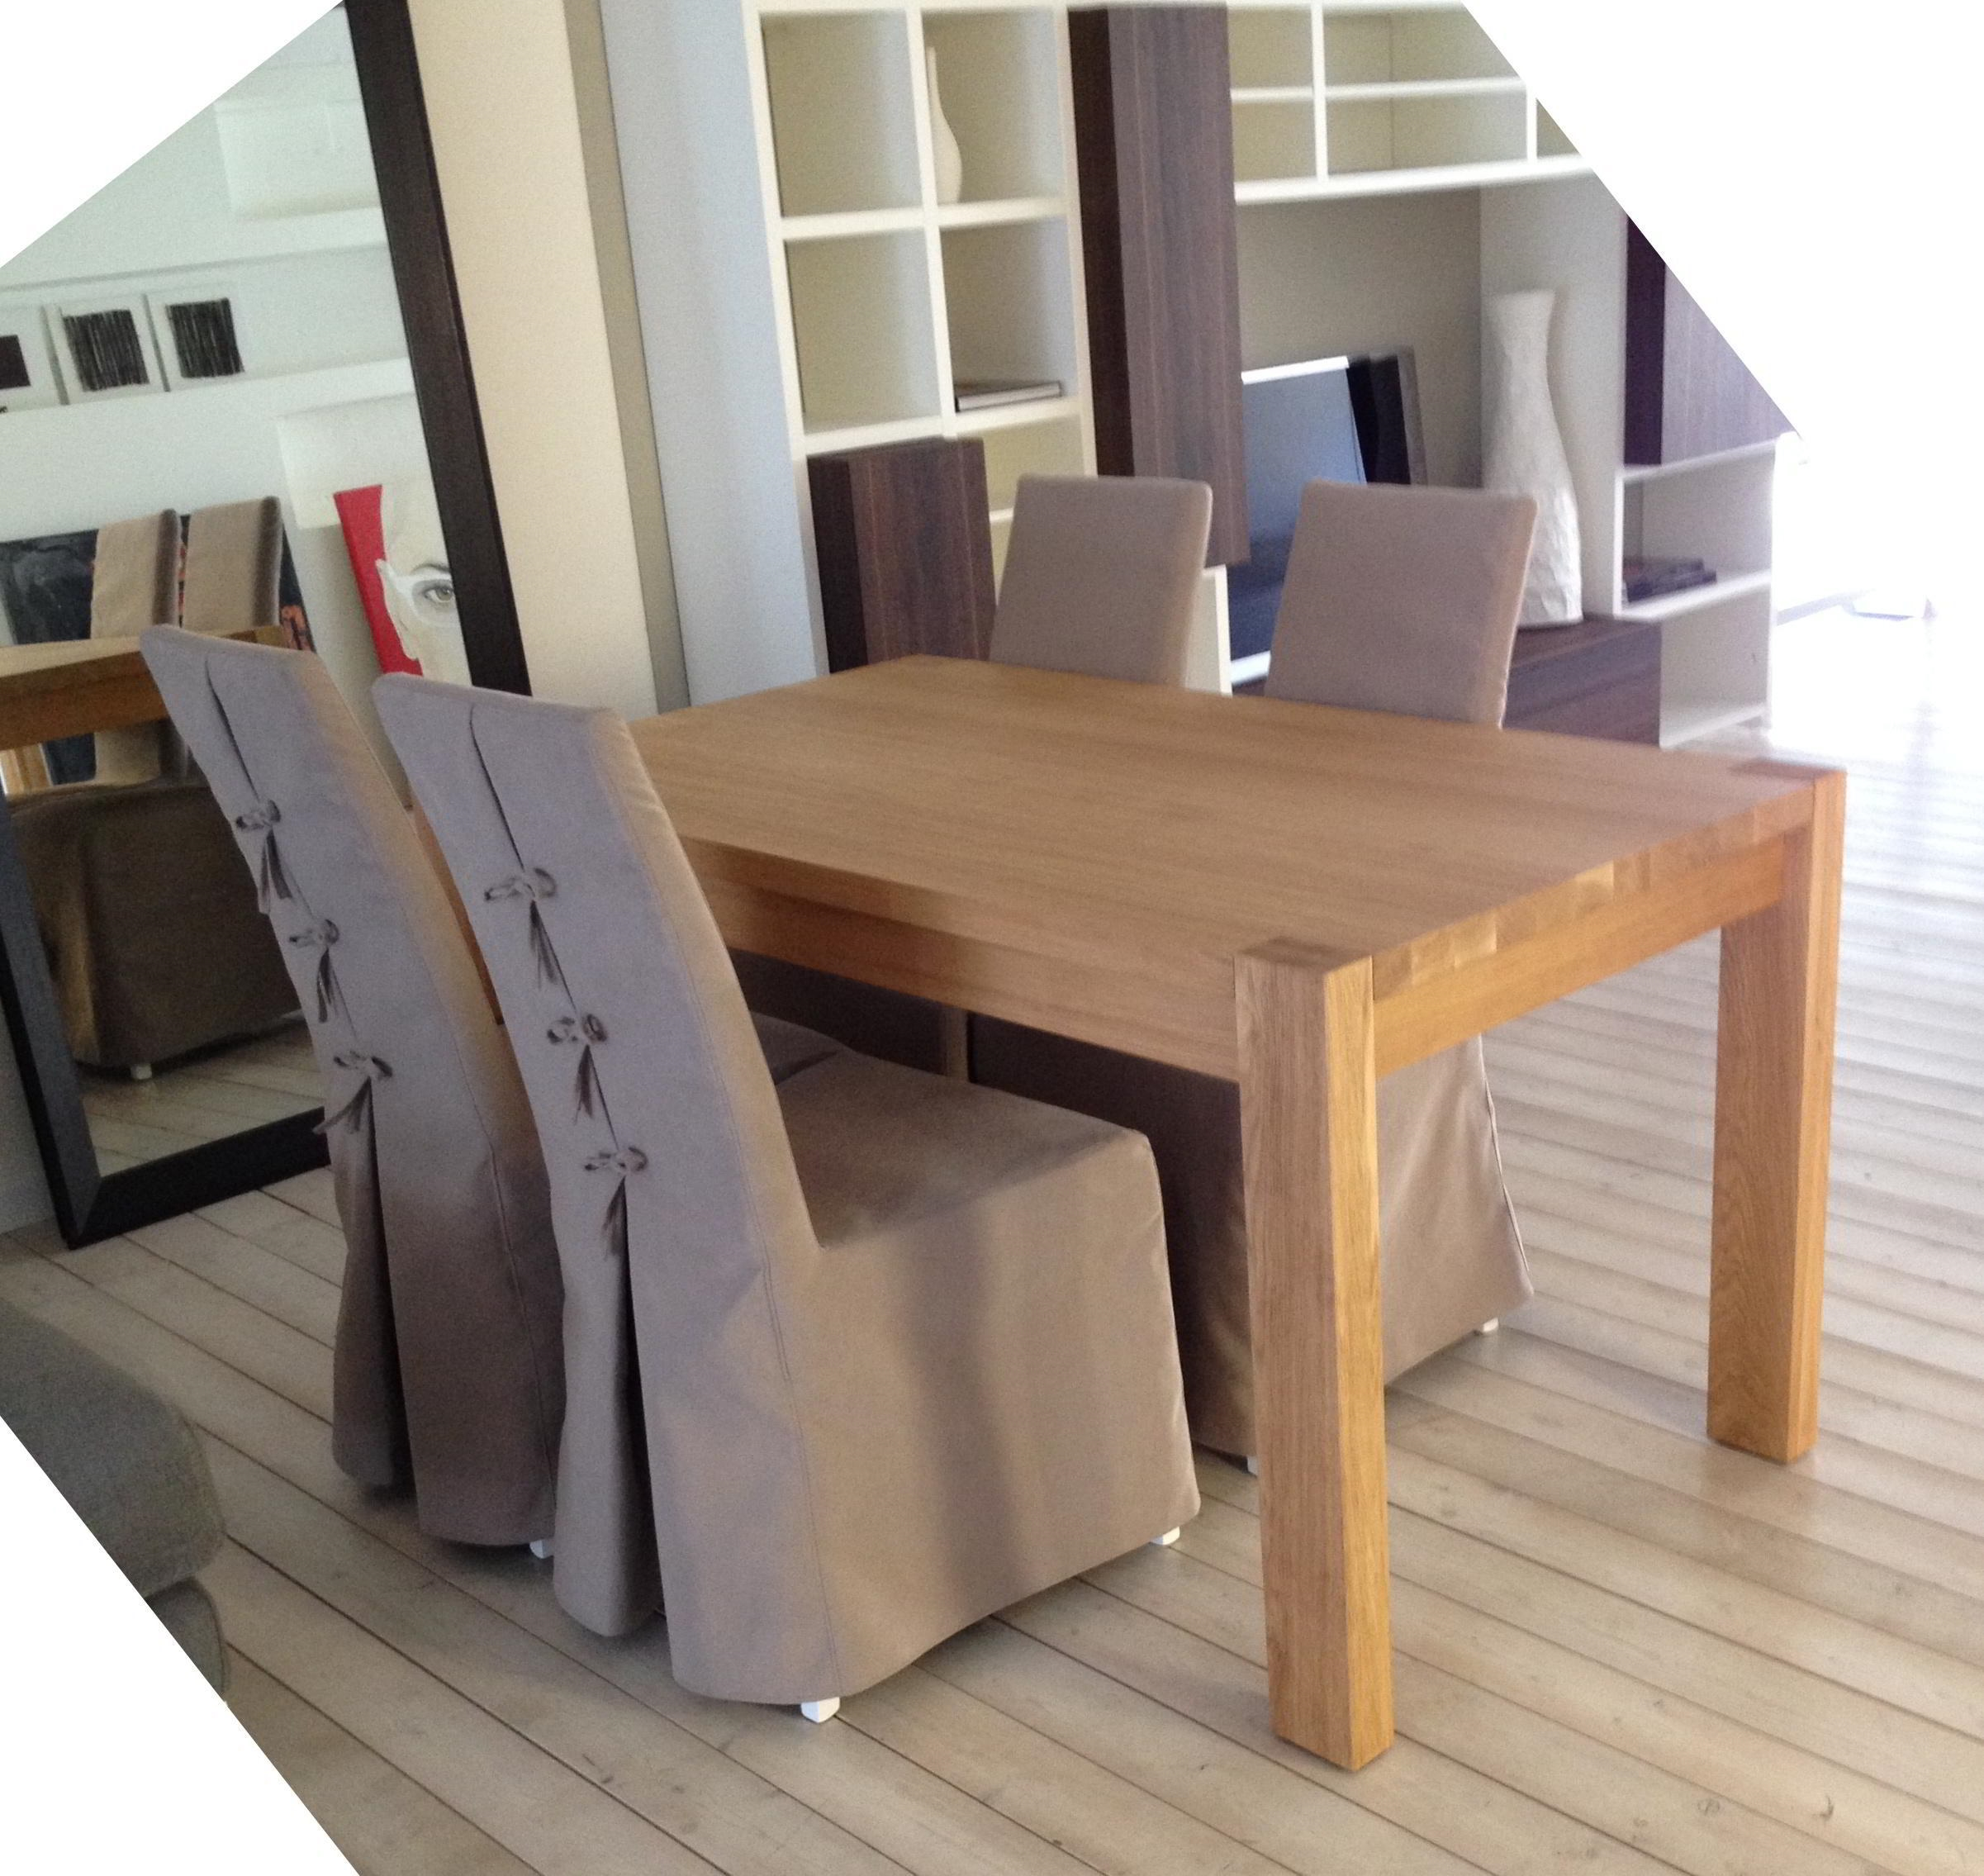 Speciale Offerta tavolo in legno e quattro sedie scontati del 50% - Sedie a prezzi scontati